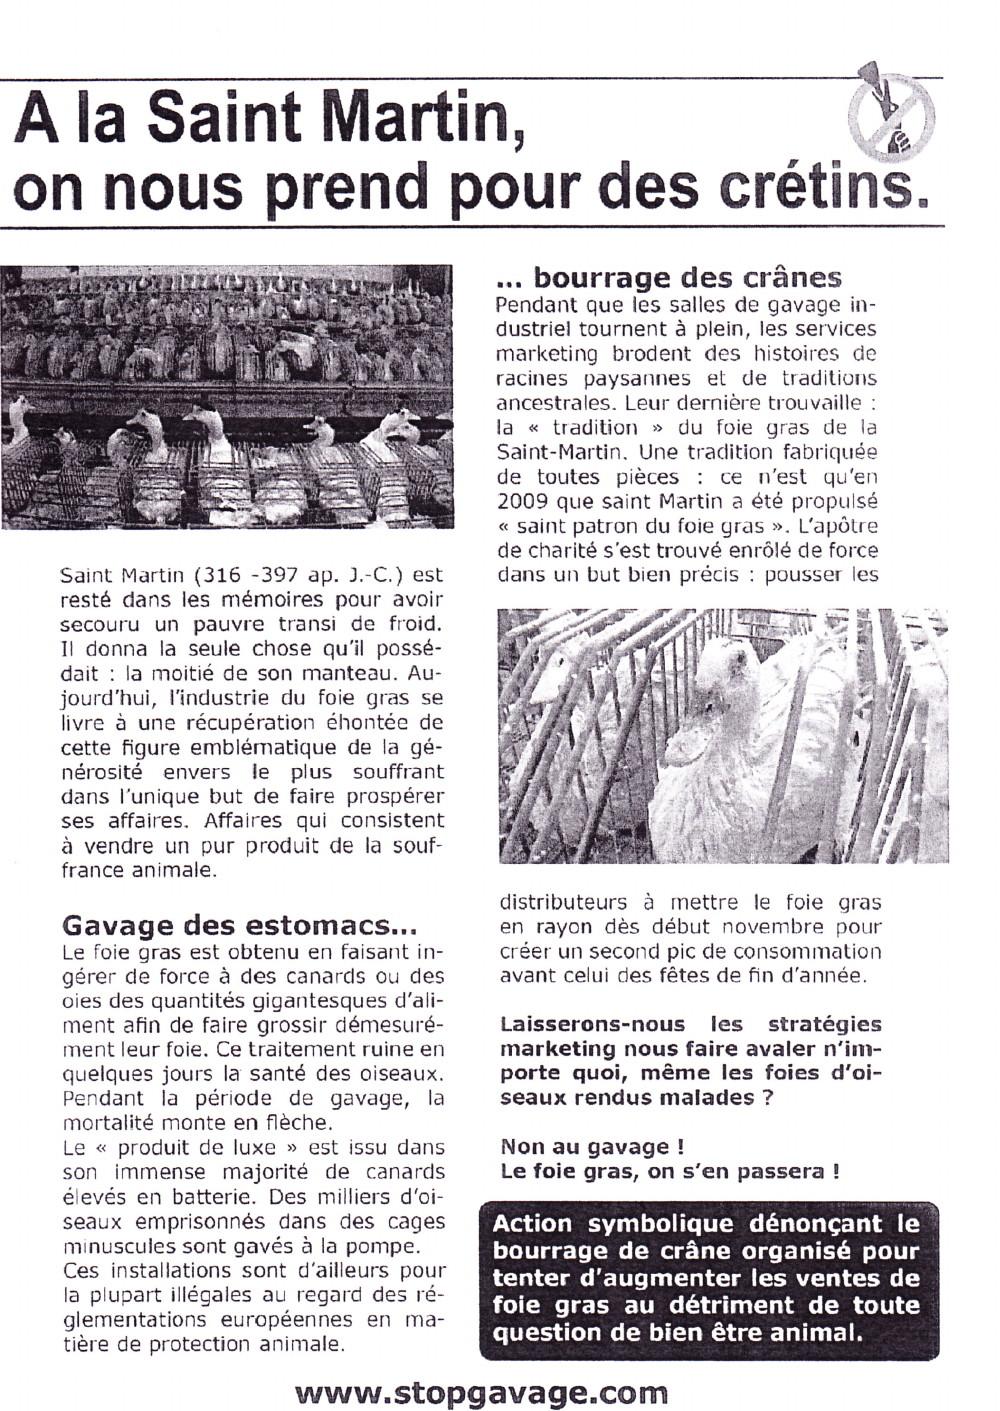 Abolition du foie gras 11/11/2010 Paris : compte-rendu 101111040630853867097077